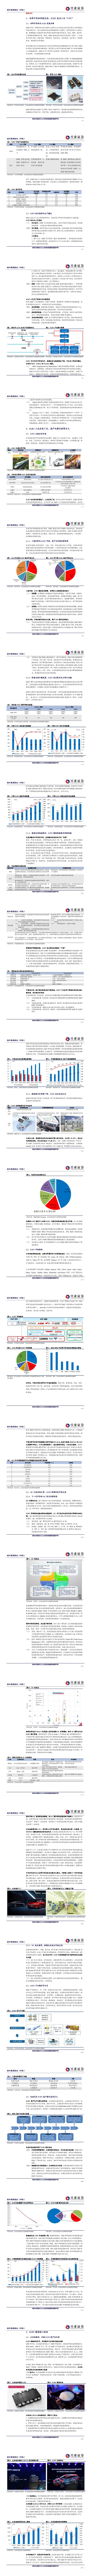 兴业证券:中国IGBT市场需求增长迅速国产化替代空间巨大